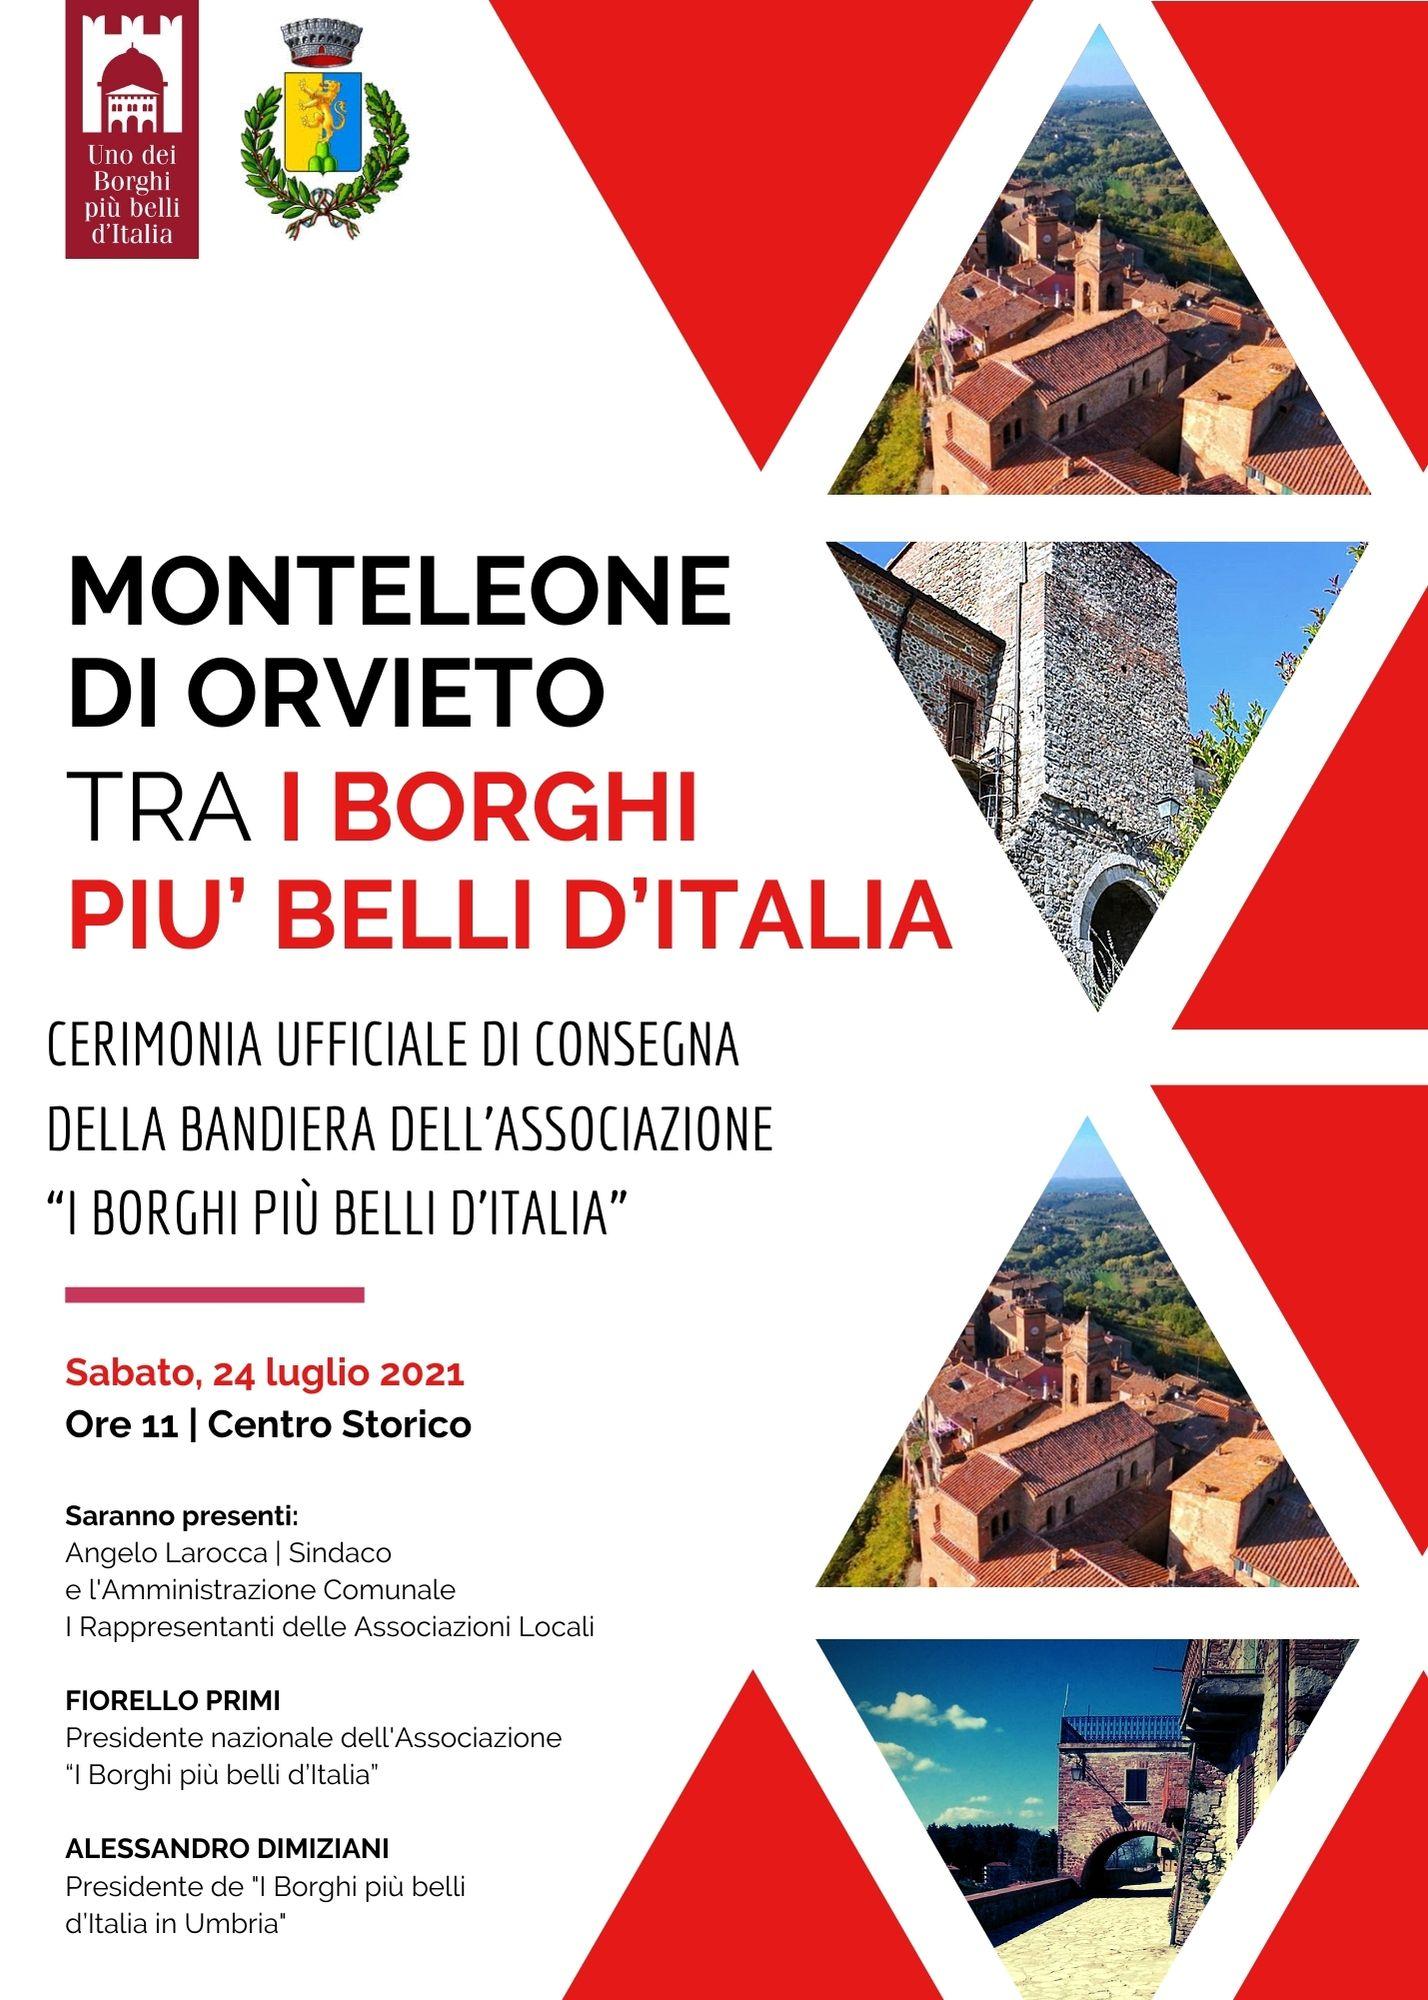 Monteleone d'Orvieto riceve la bandiera de